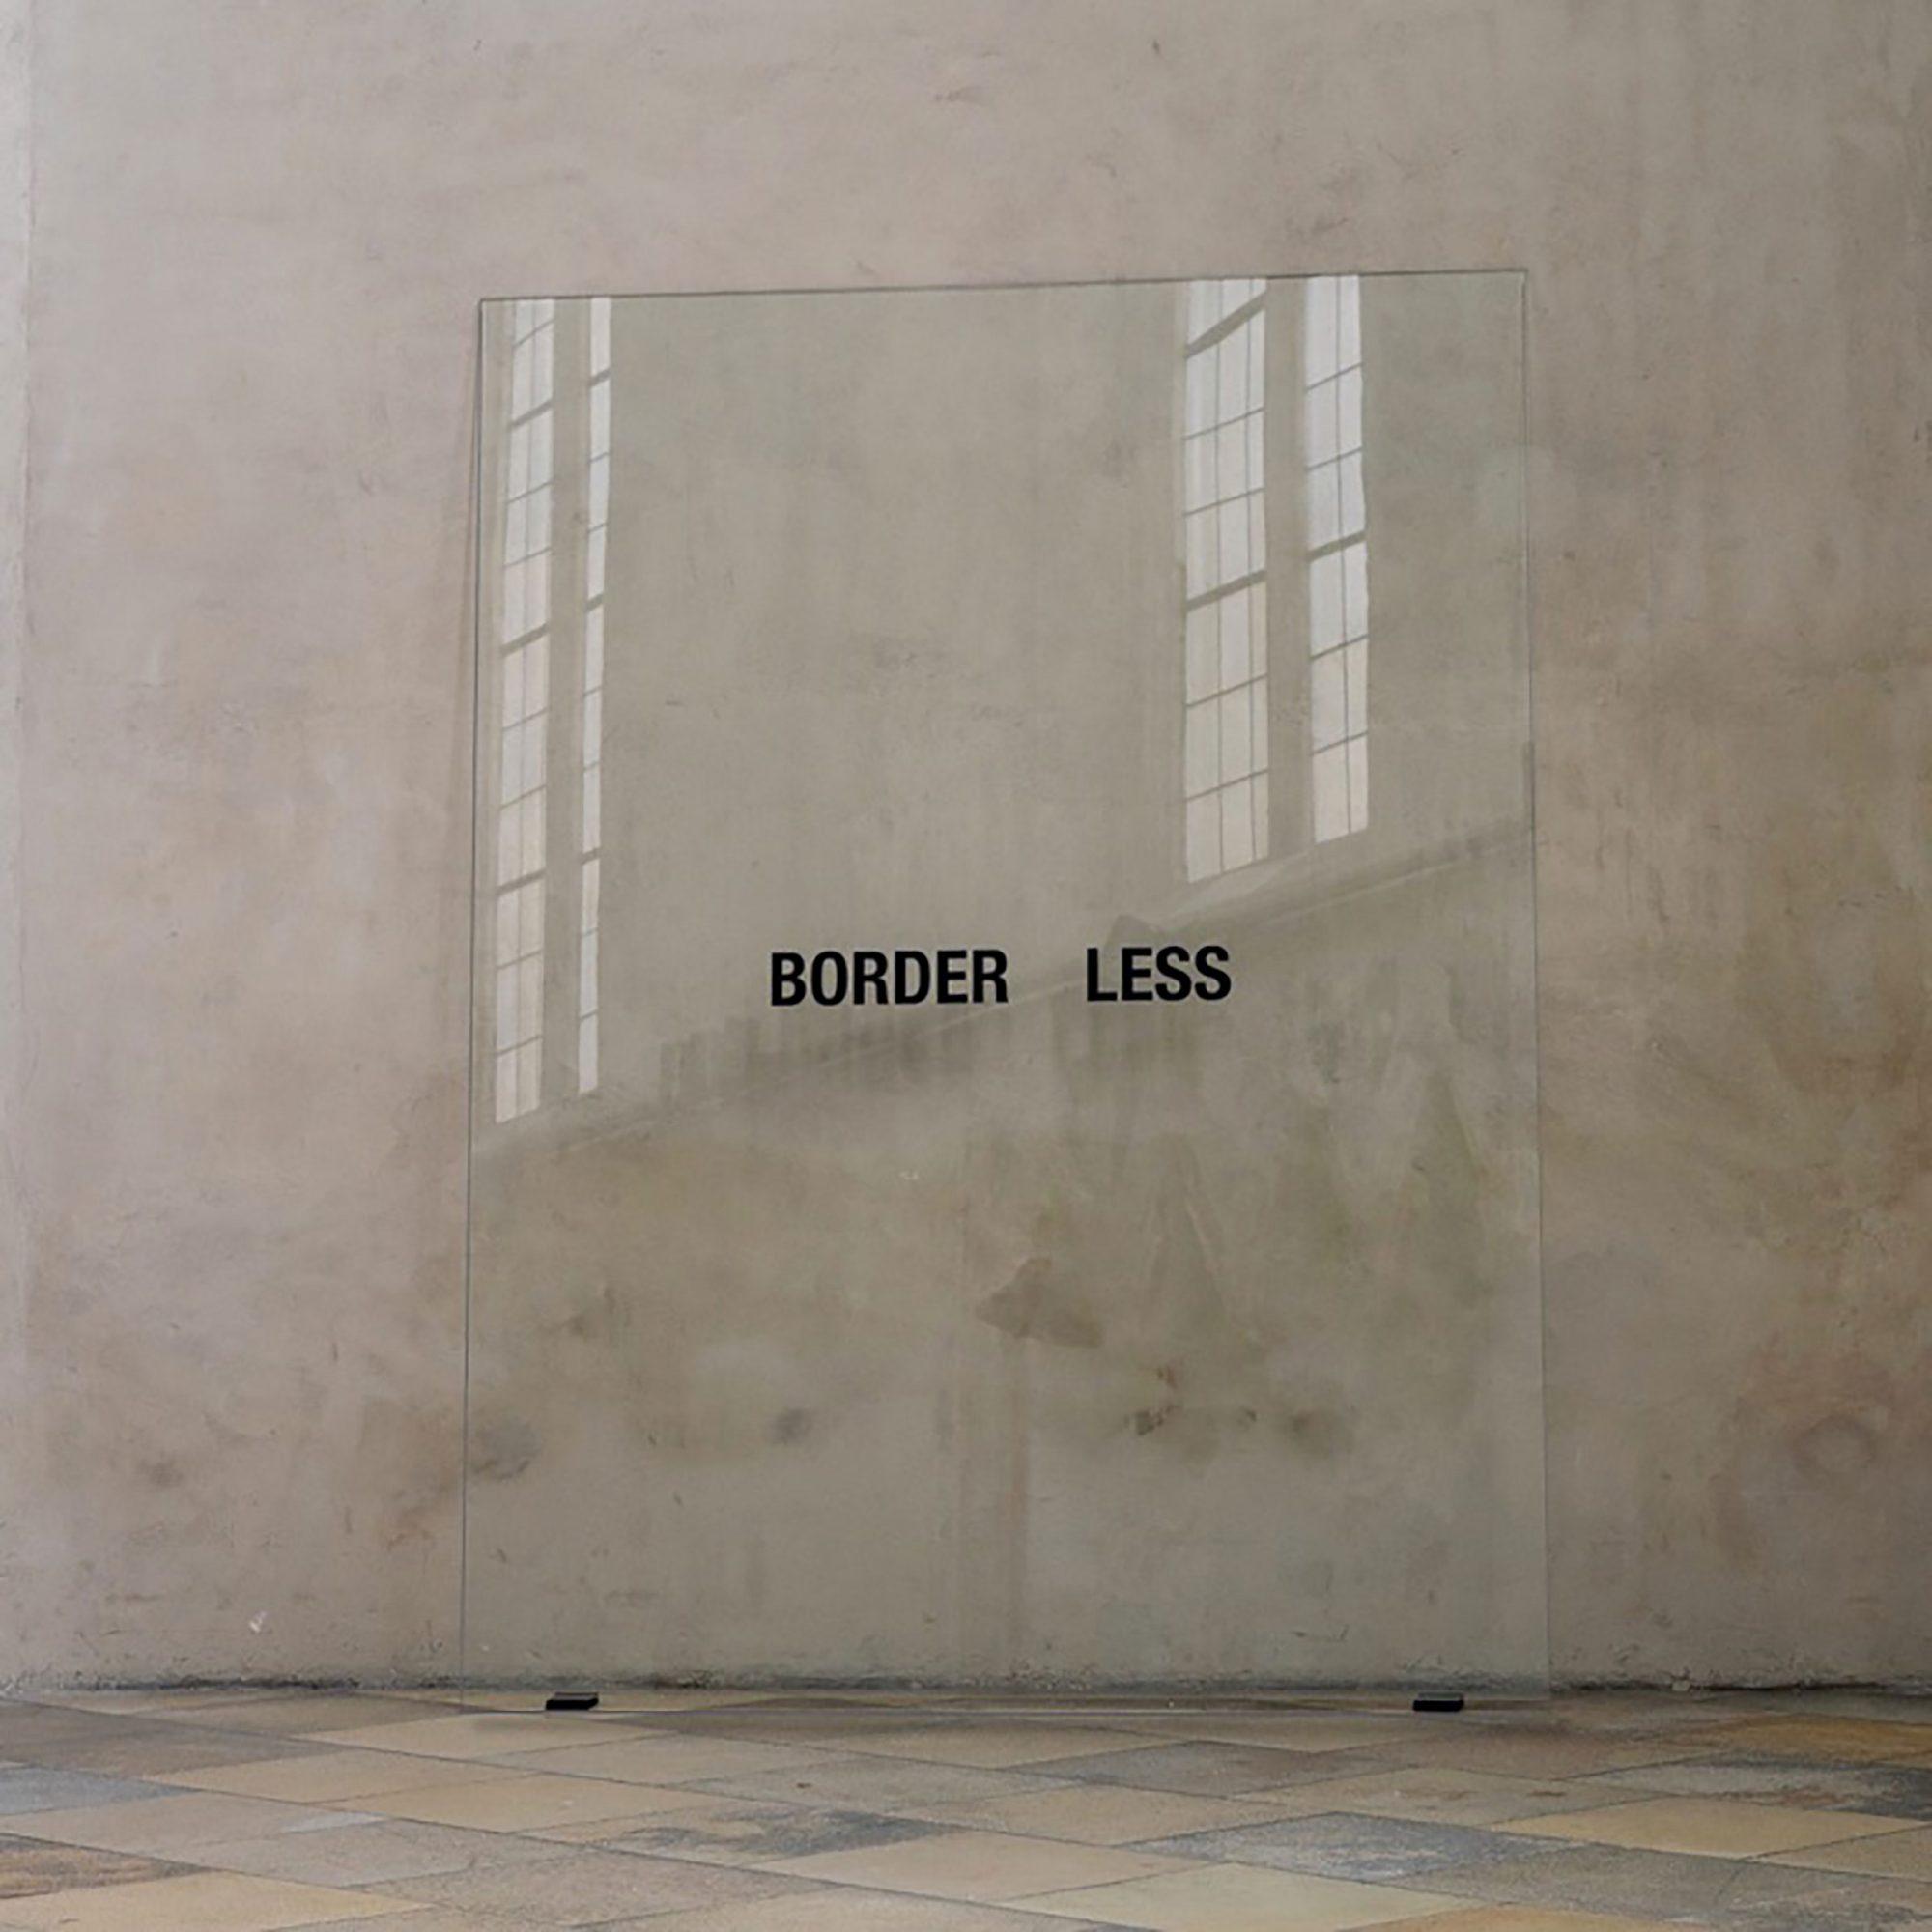 2019, Hinterglasmalerei / reverse glass painting, 240x180cm. Ausstellung REDEN SCHWEIGEN WOVON, Museum Krems